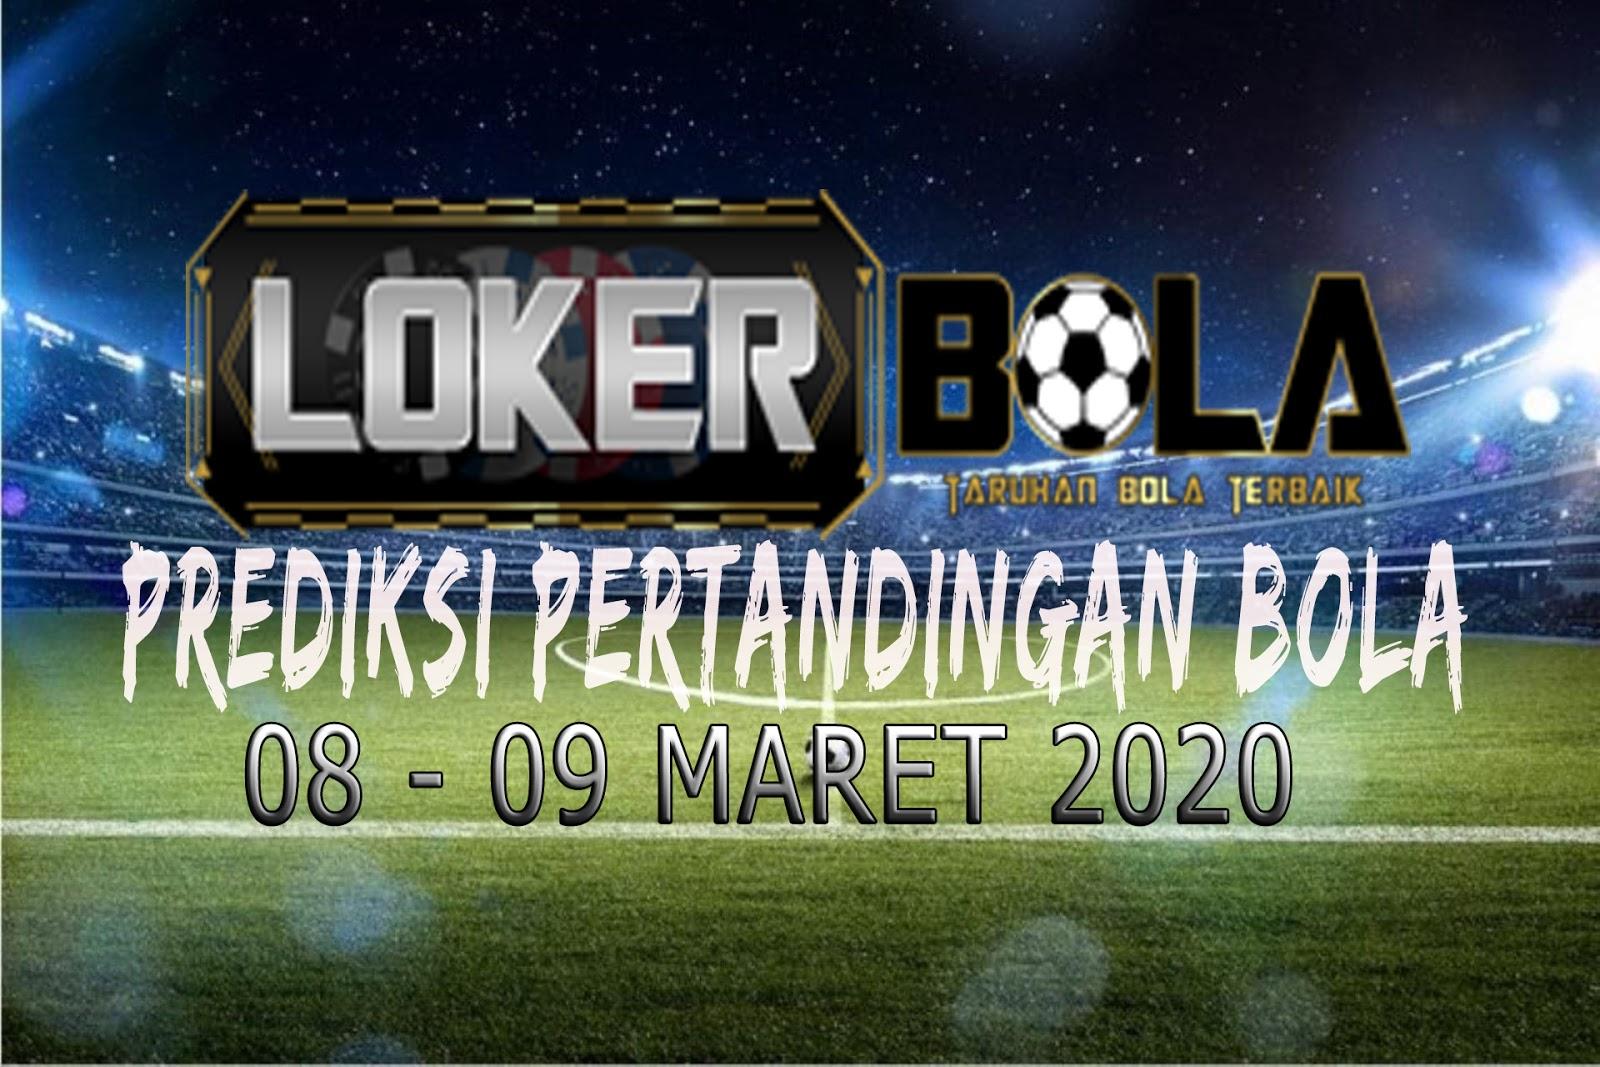 PREDIKSI PERTANDINGAN BOLA 08 – 09 MARET 2020